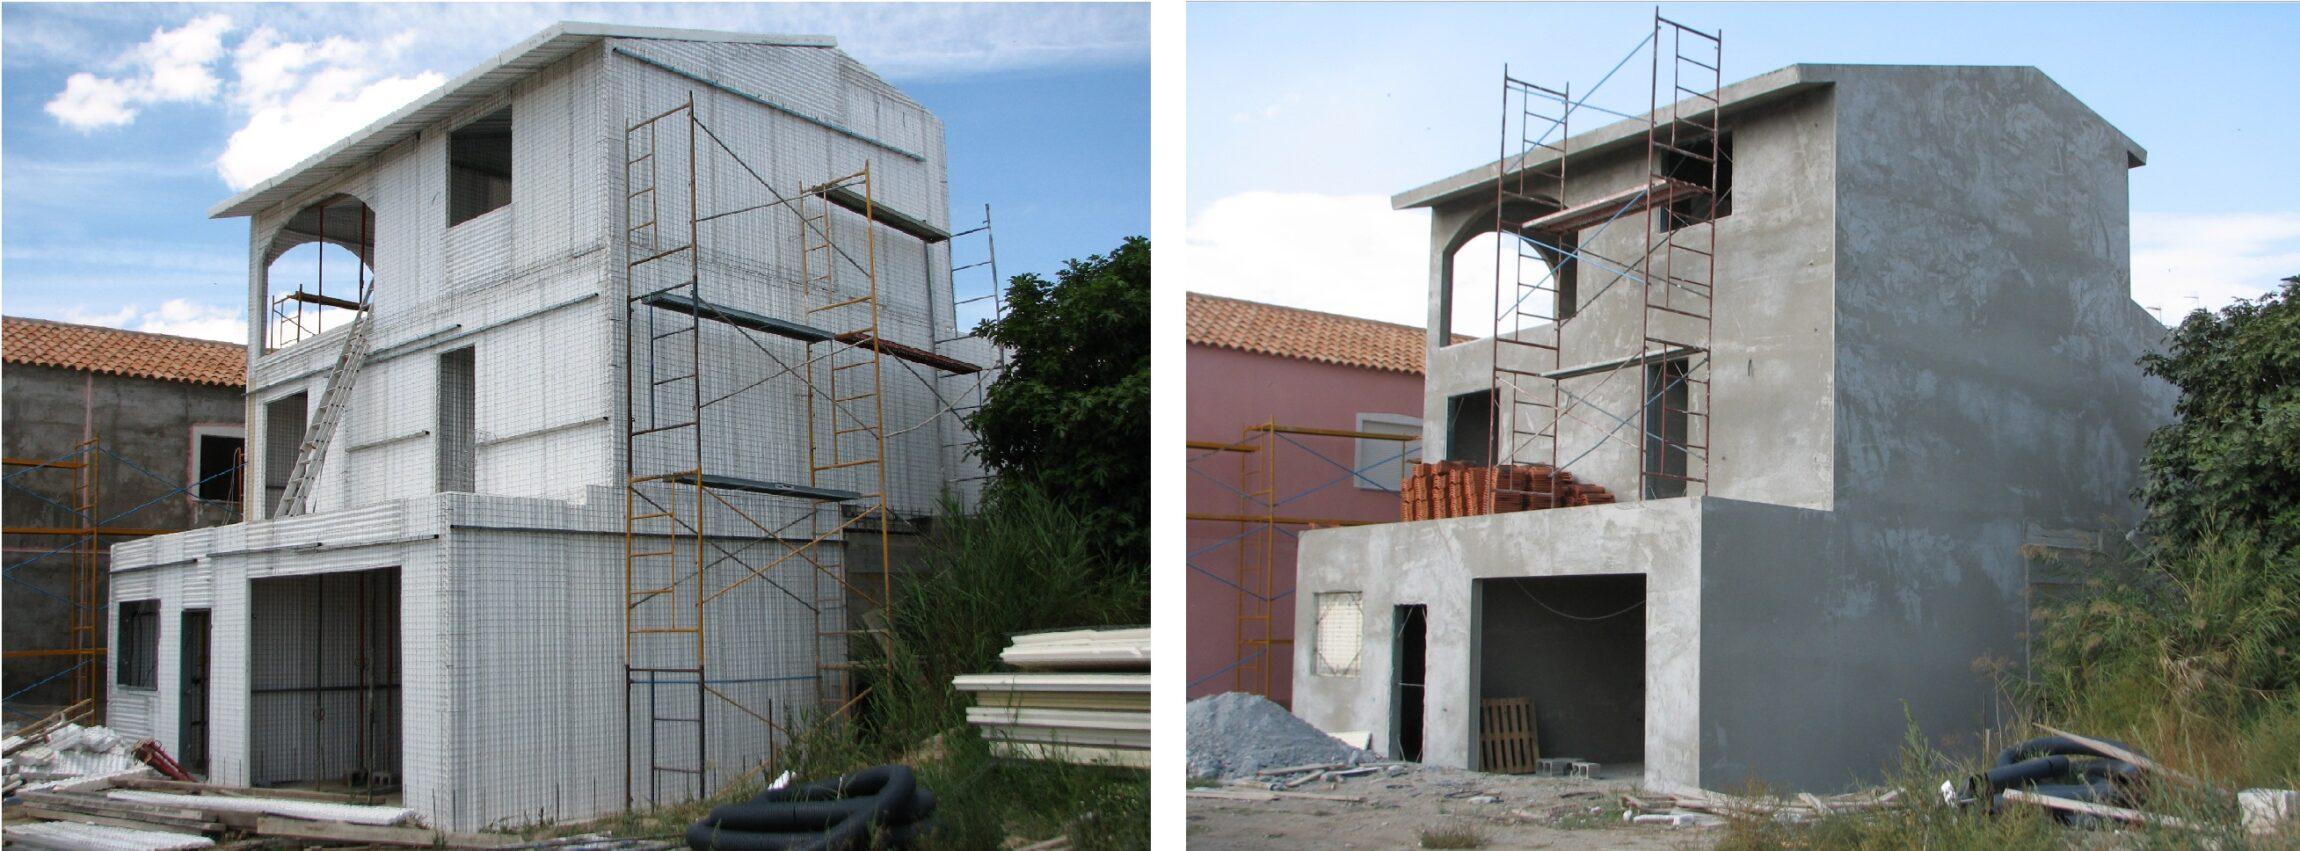 Obra realizada con el sistema de construcción Baupanel® System